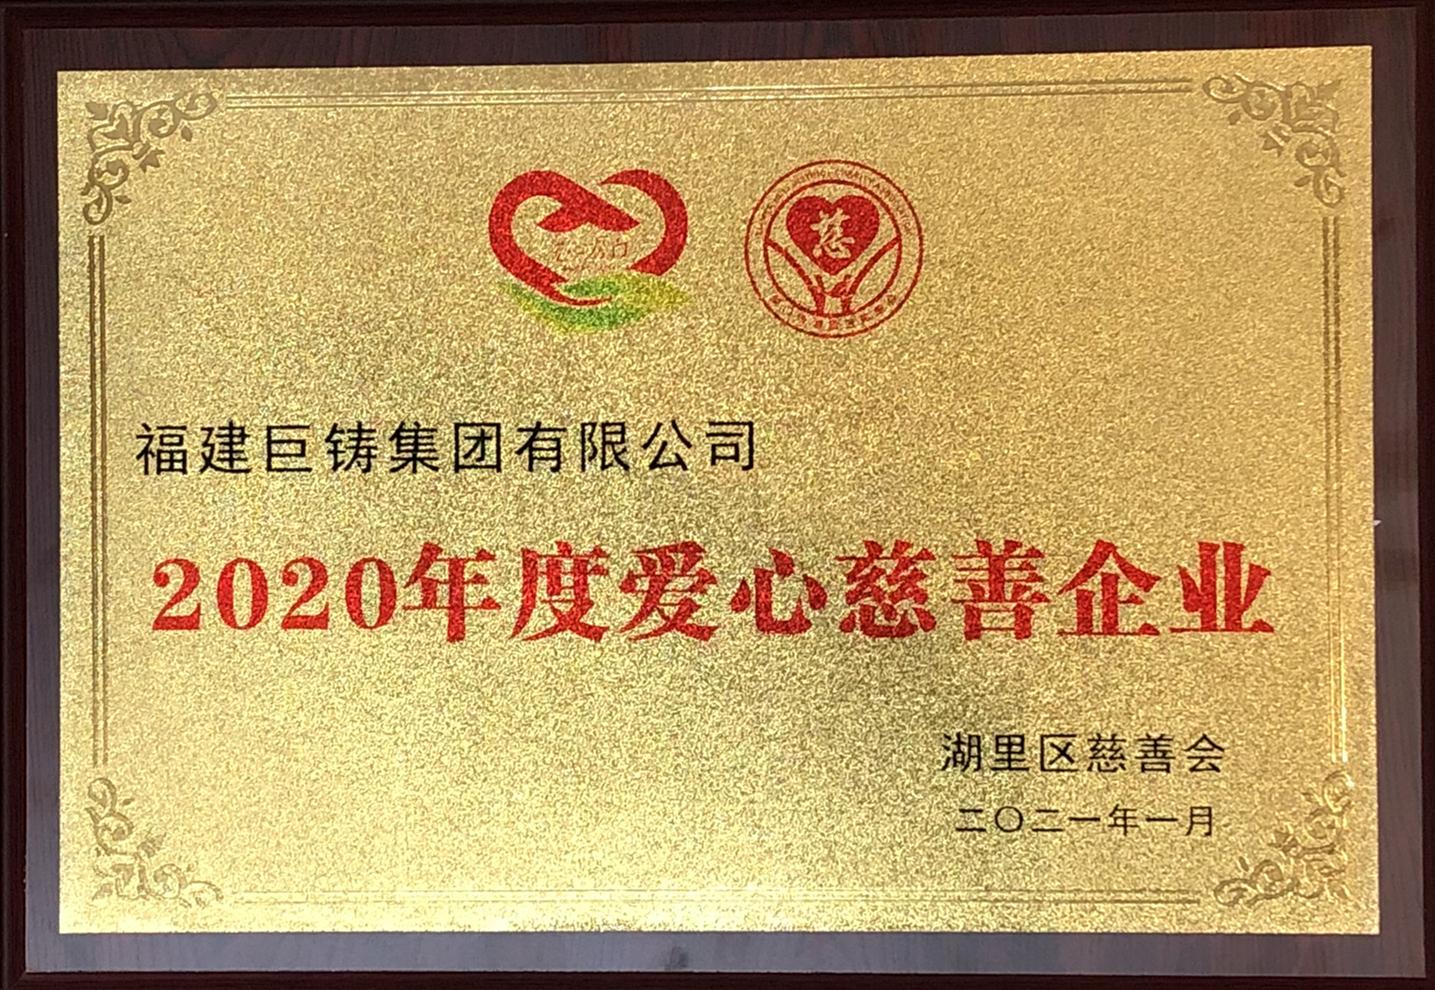 """【喜讯】福建巨铸集团被湖里区慈善会评为""""2020年度爱心慈善企业""""荣誉称号"""